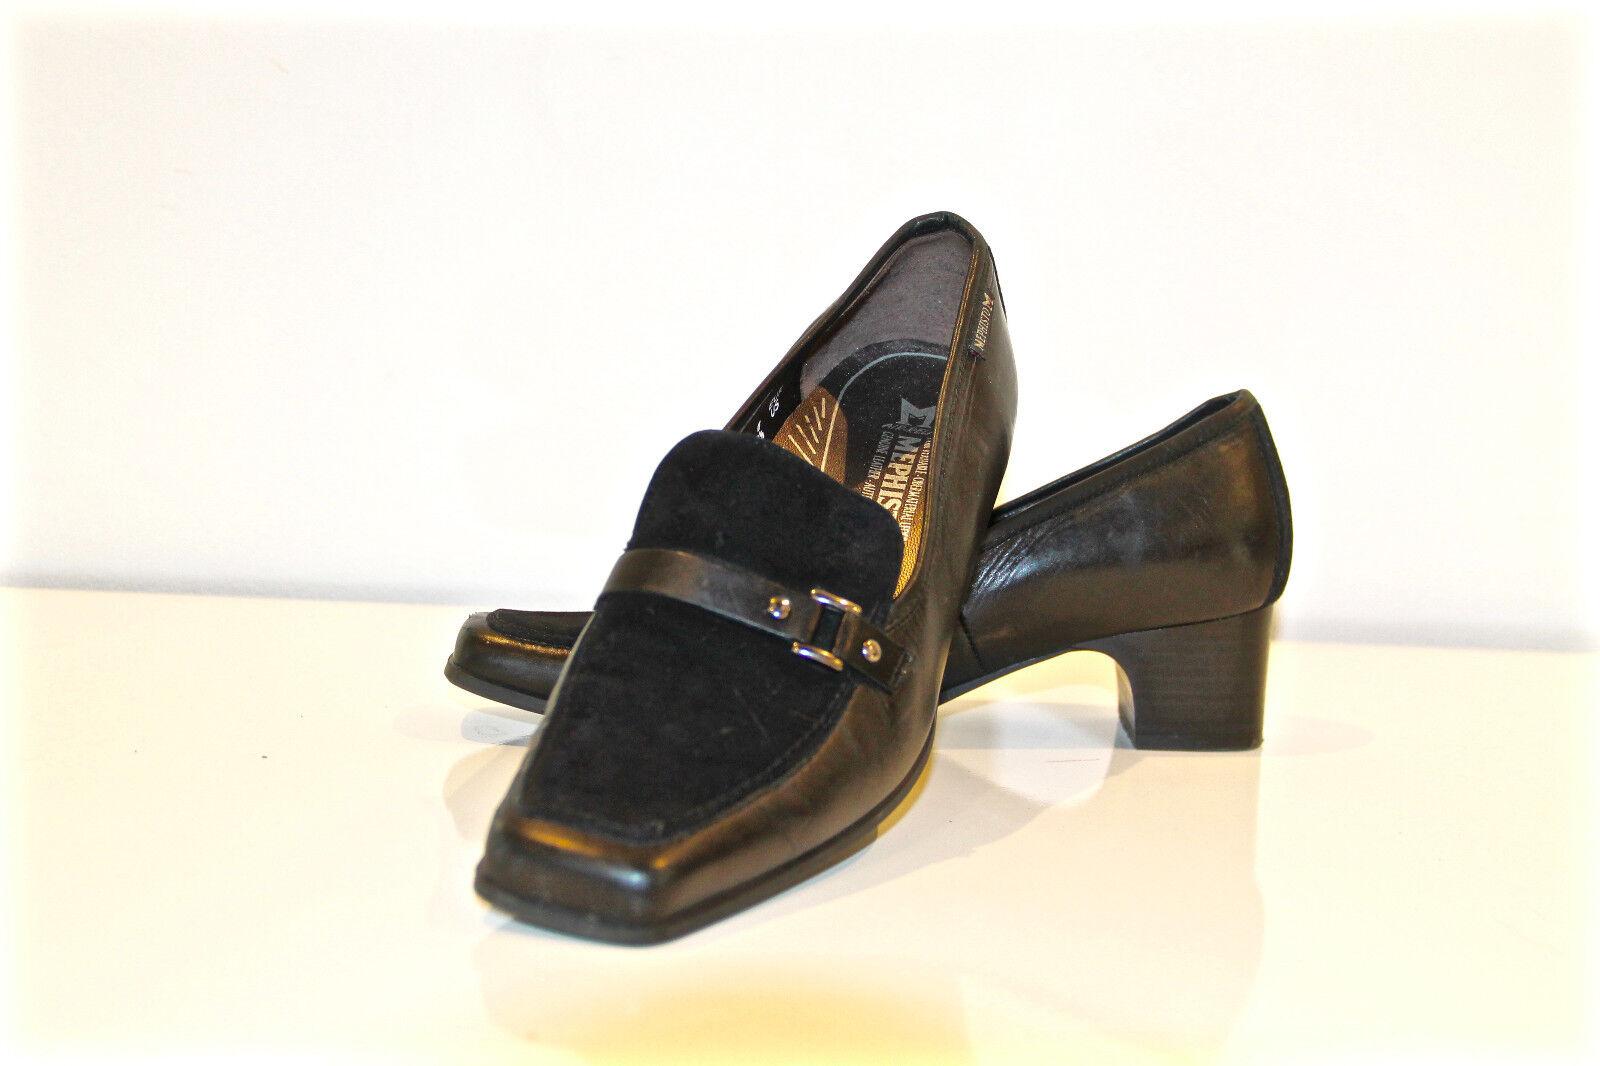 MEPHISTO AIR RELAX lujoso zapatos de salón de piel piel piel y nubuck negro P 39 US 8 1/2 597bda